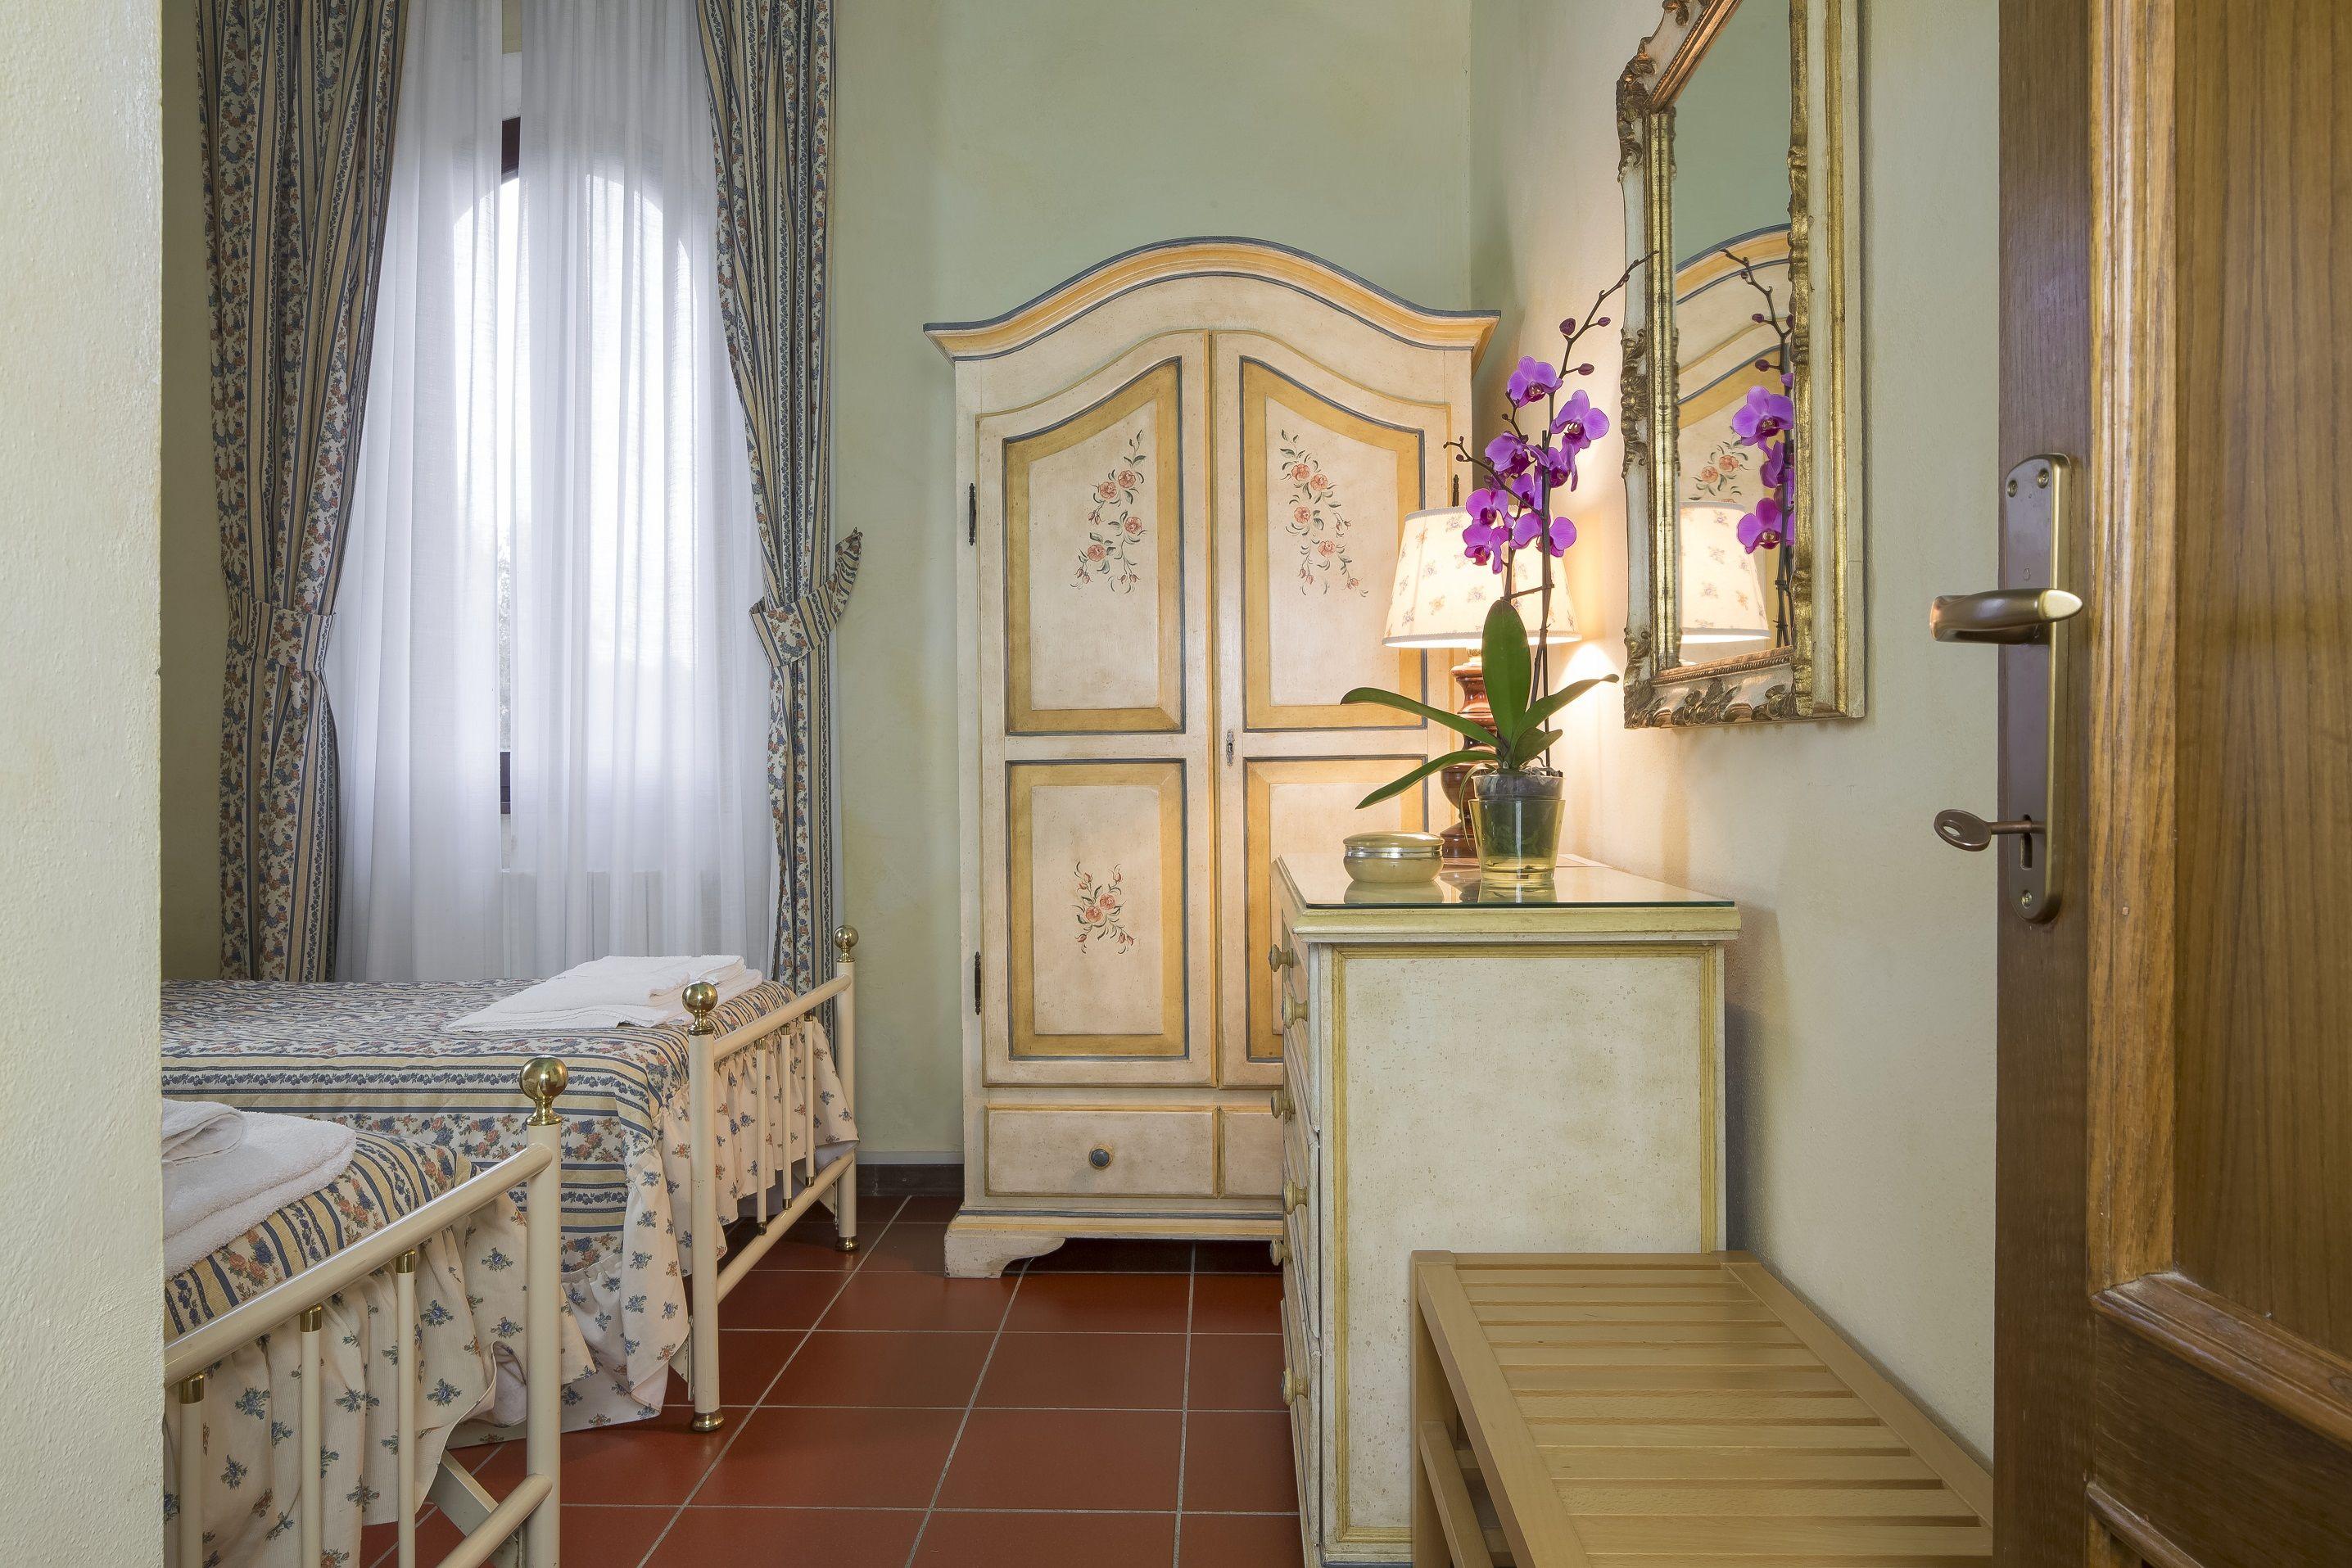 Apartment Bosco Lazzeroni Residence - Nabucco Holiday Home photo 19172216